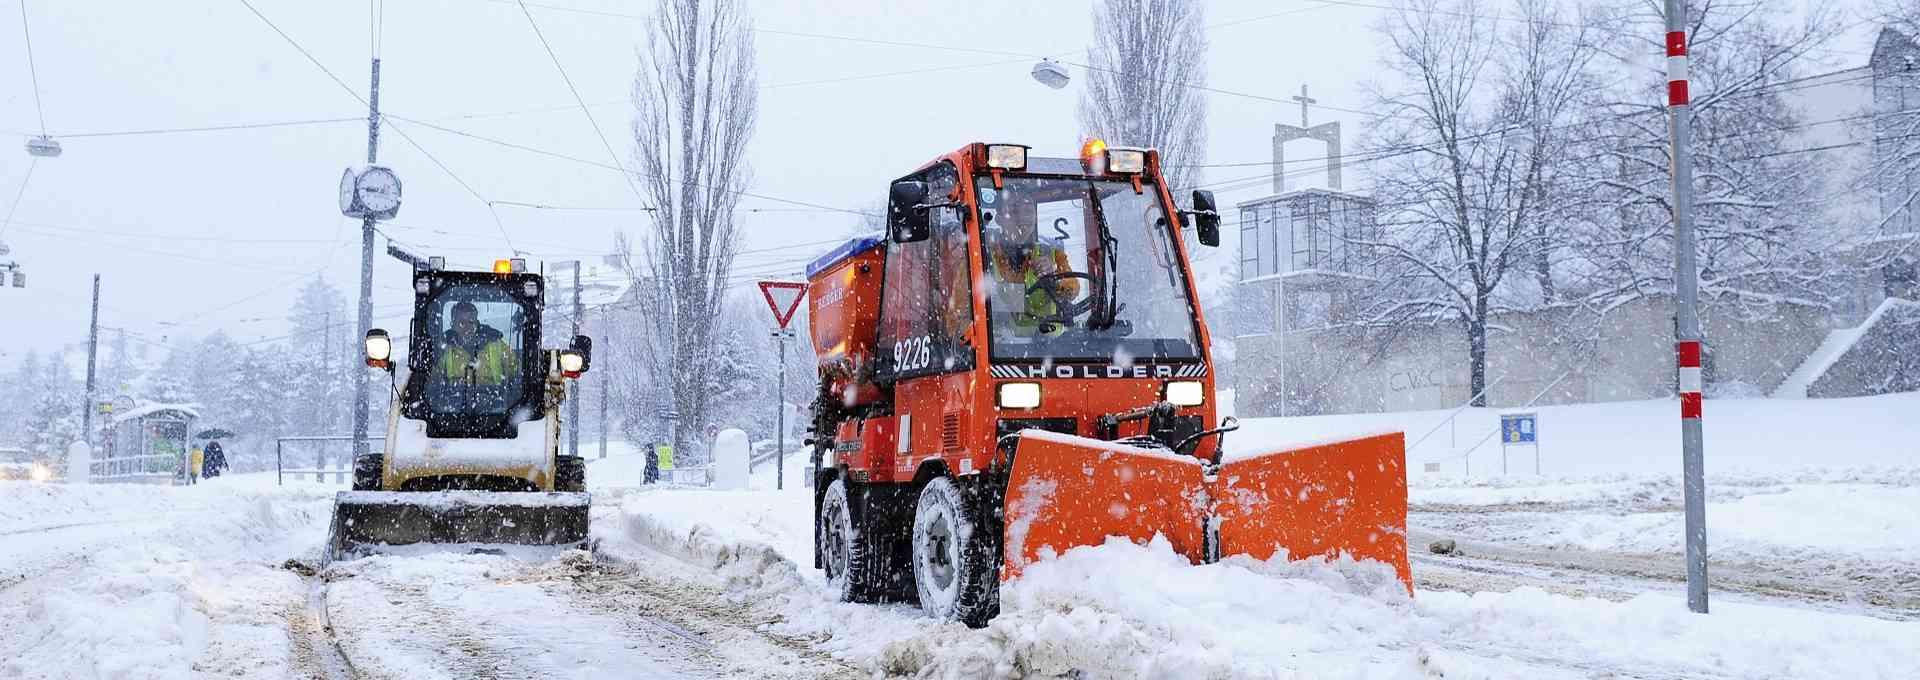 Unser Winterdienst bereitet sich ab April auf den Winter vor.